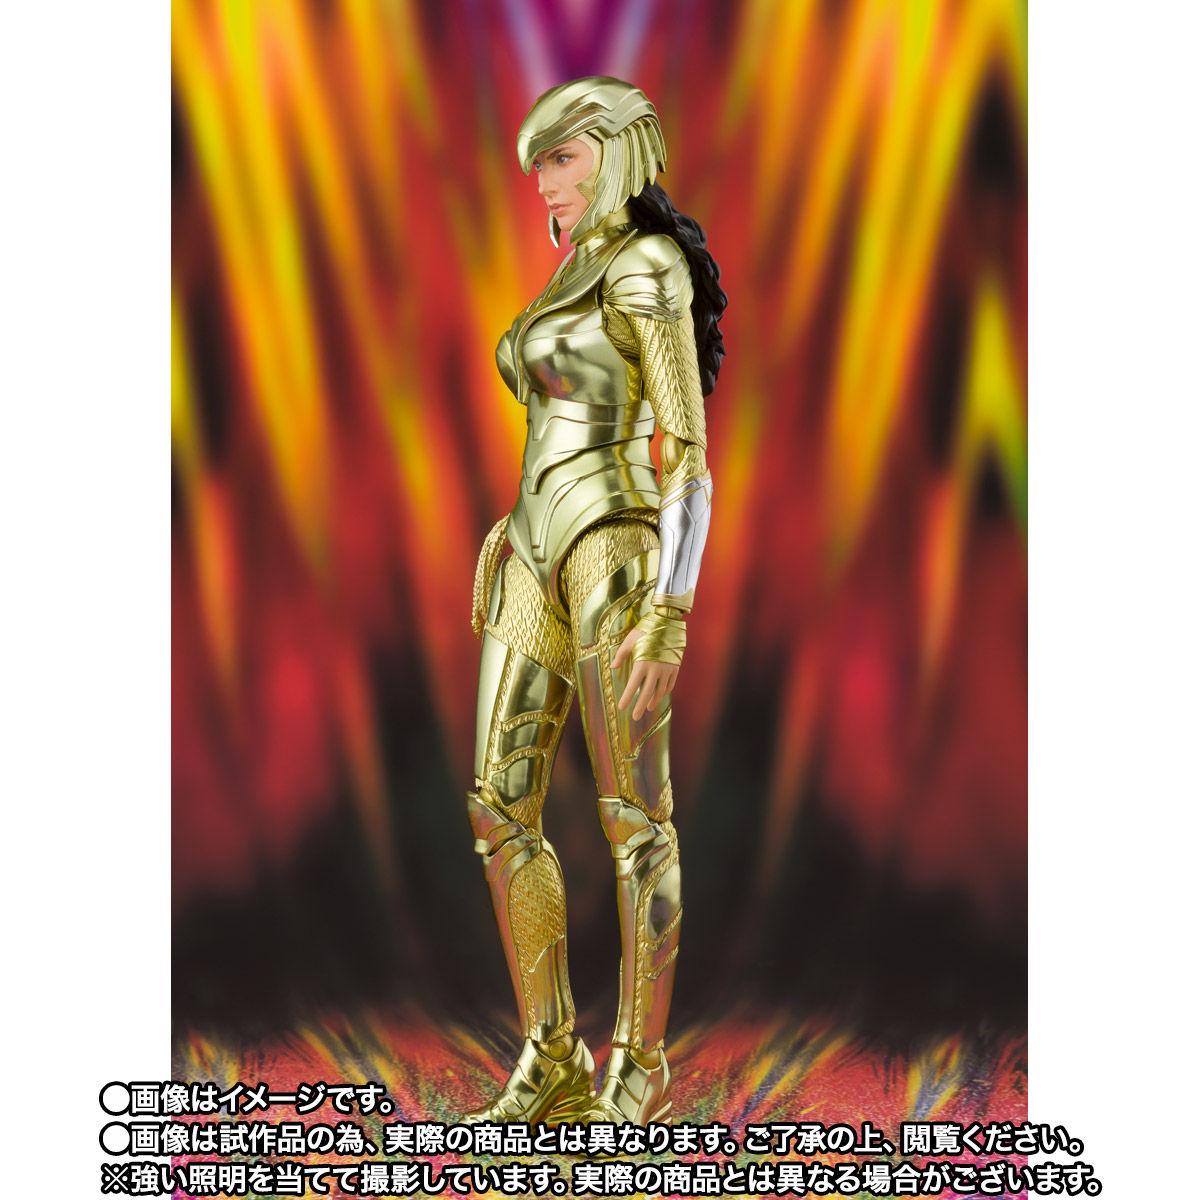 【限定販売】S.H.Figuarts『ワンダーウーマン ゴールドアーマー(WW84)』ワンダーウーマン 1984 可動フィギュア-003